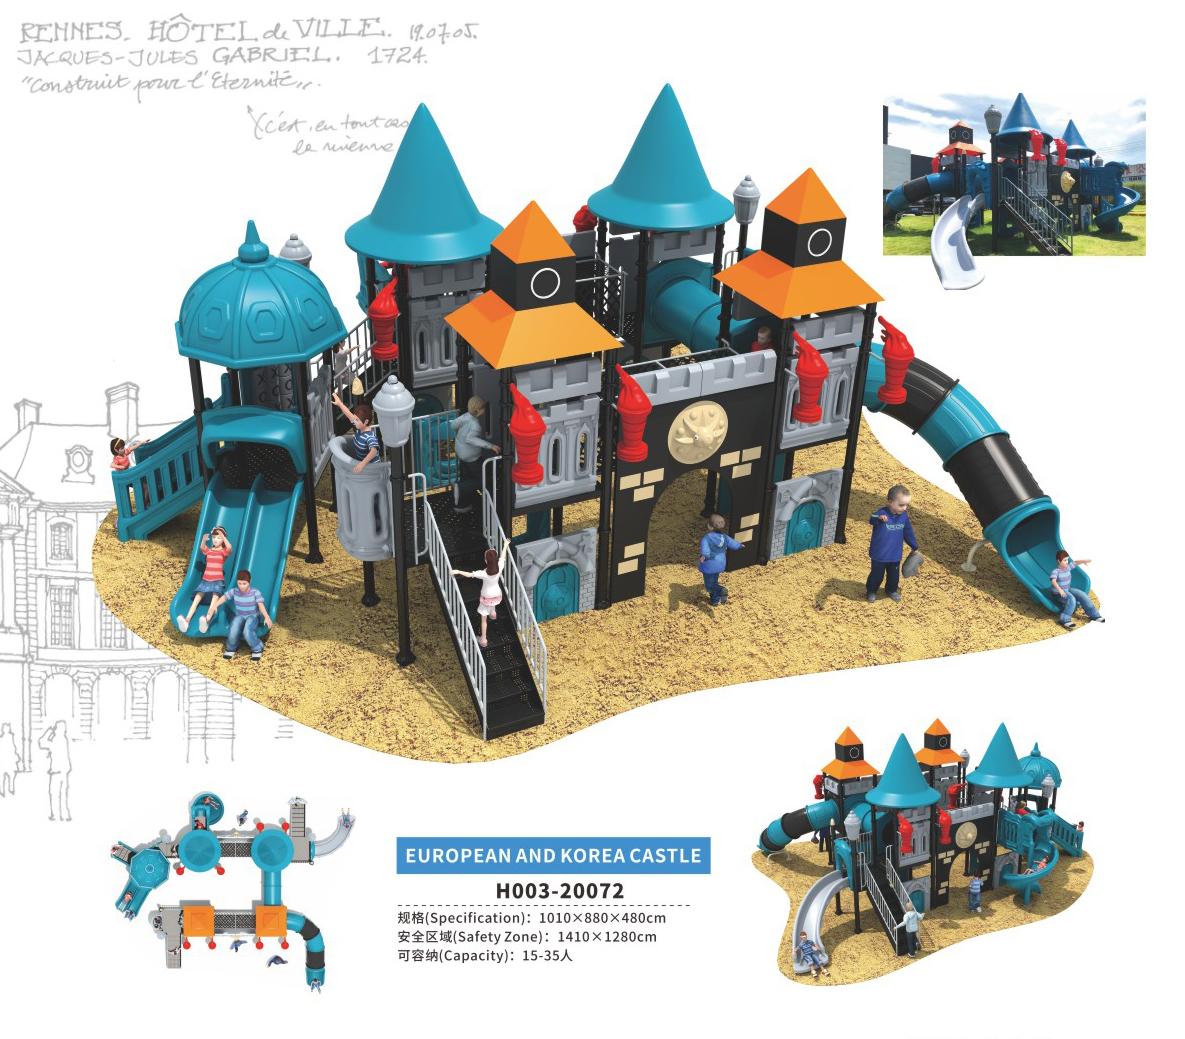 H003-20072公园滑梯城堡主题系列